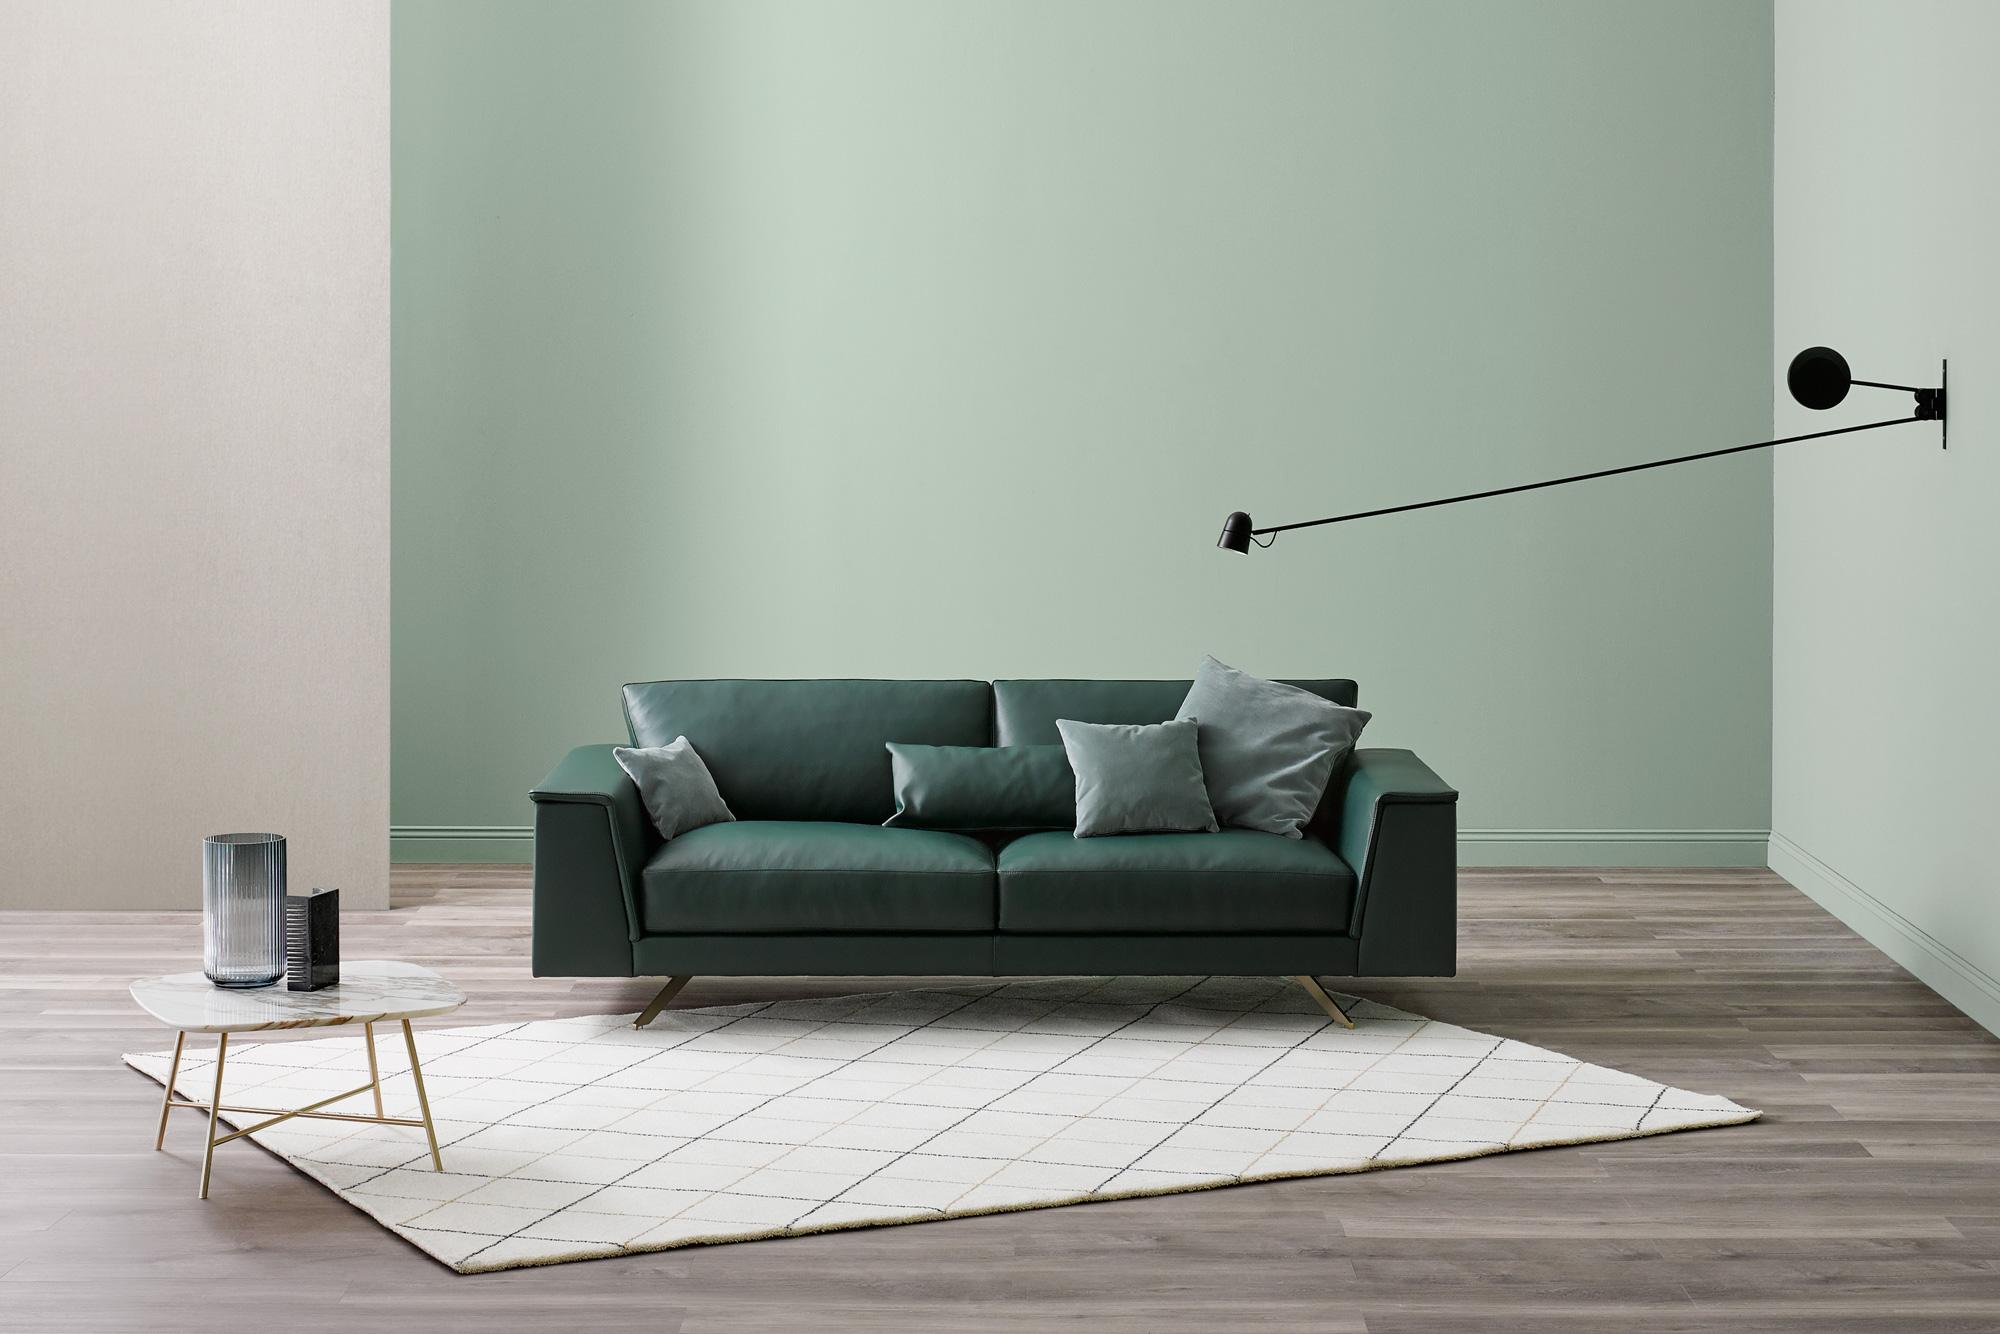 Dalla forma aerodinamica il divano Fly si propone come un divano moderno dalle linee pulite e slanciate